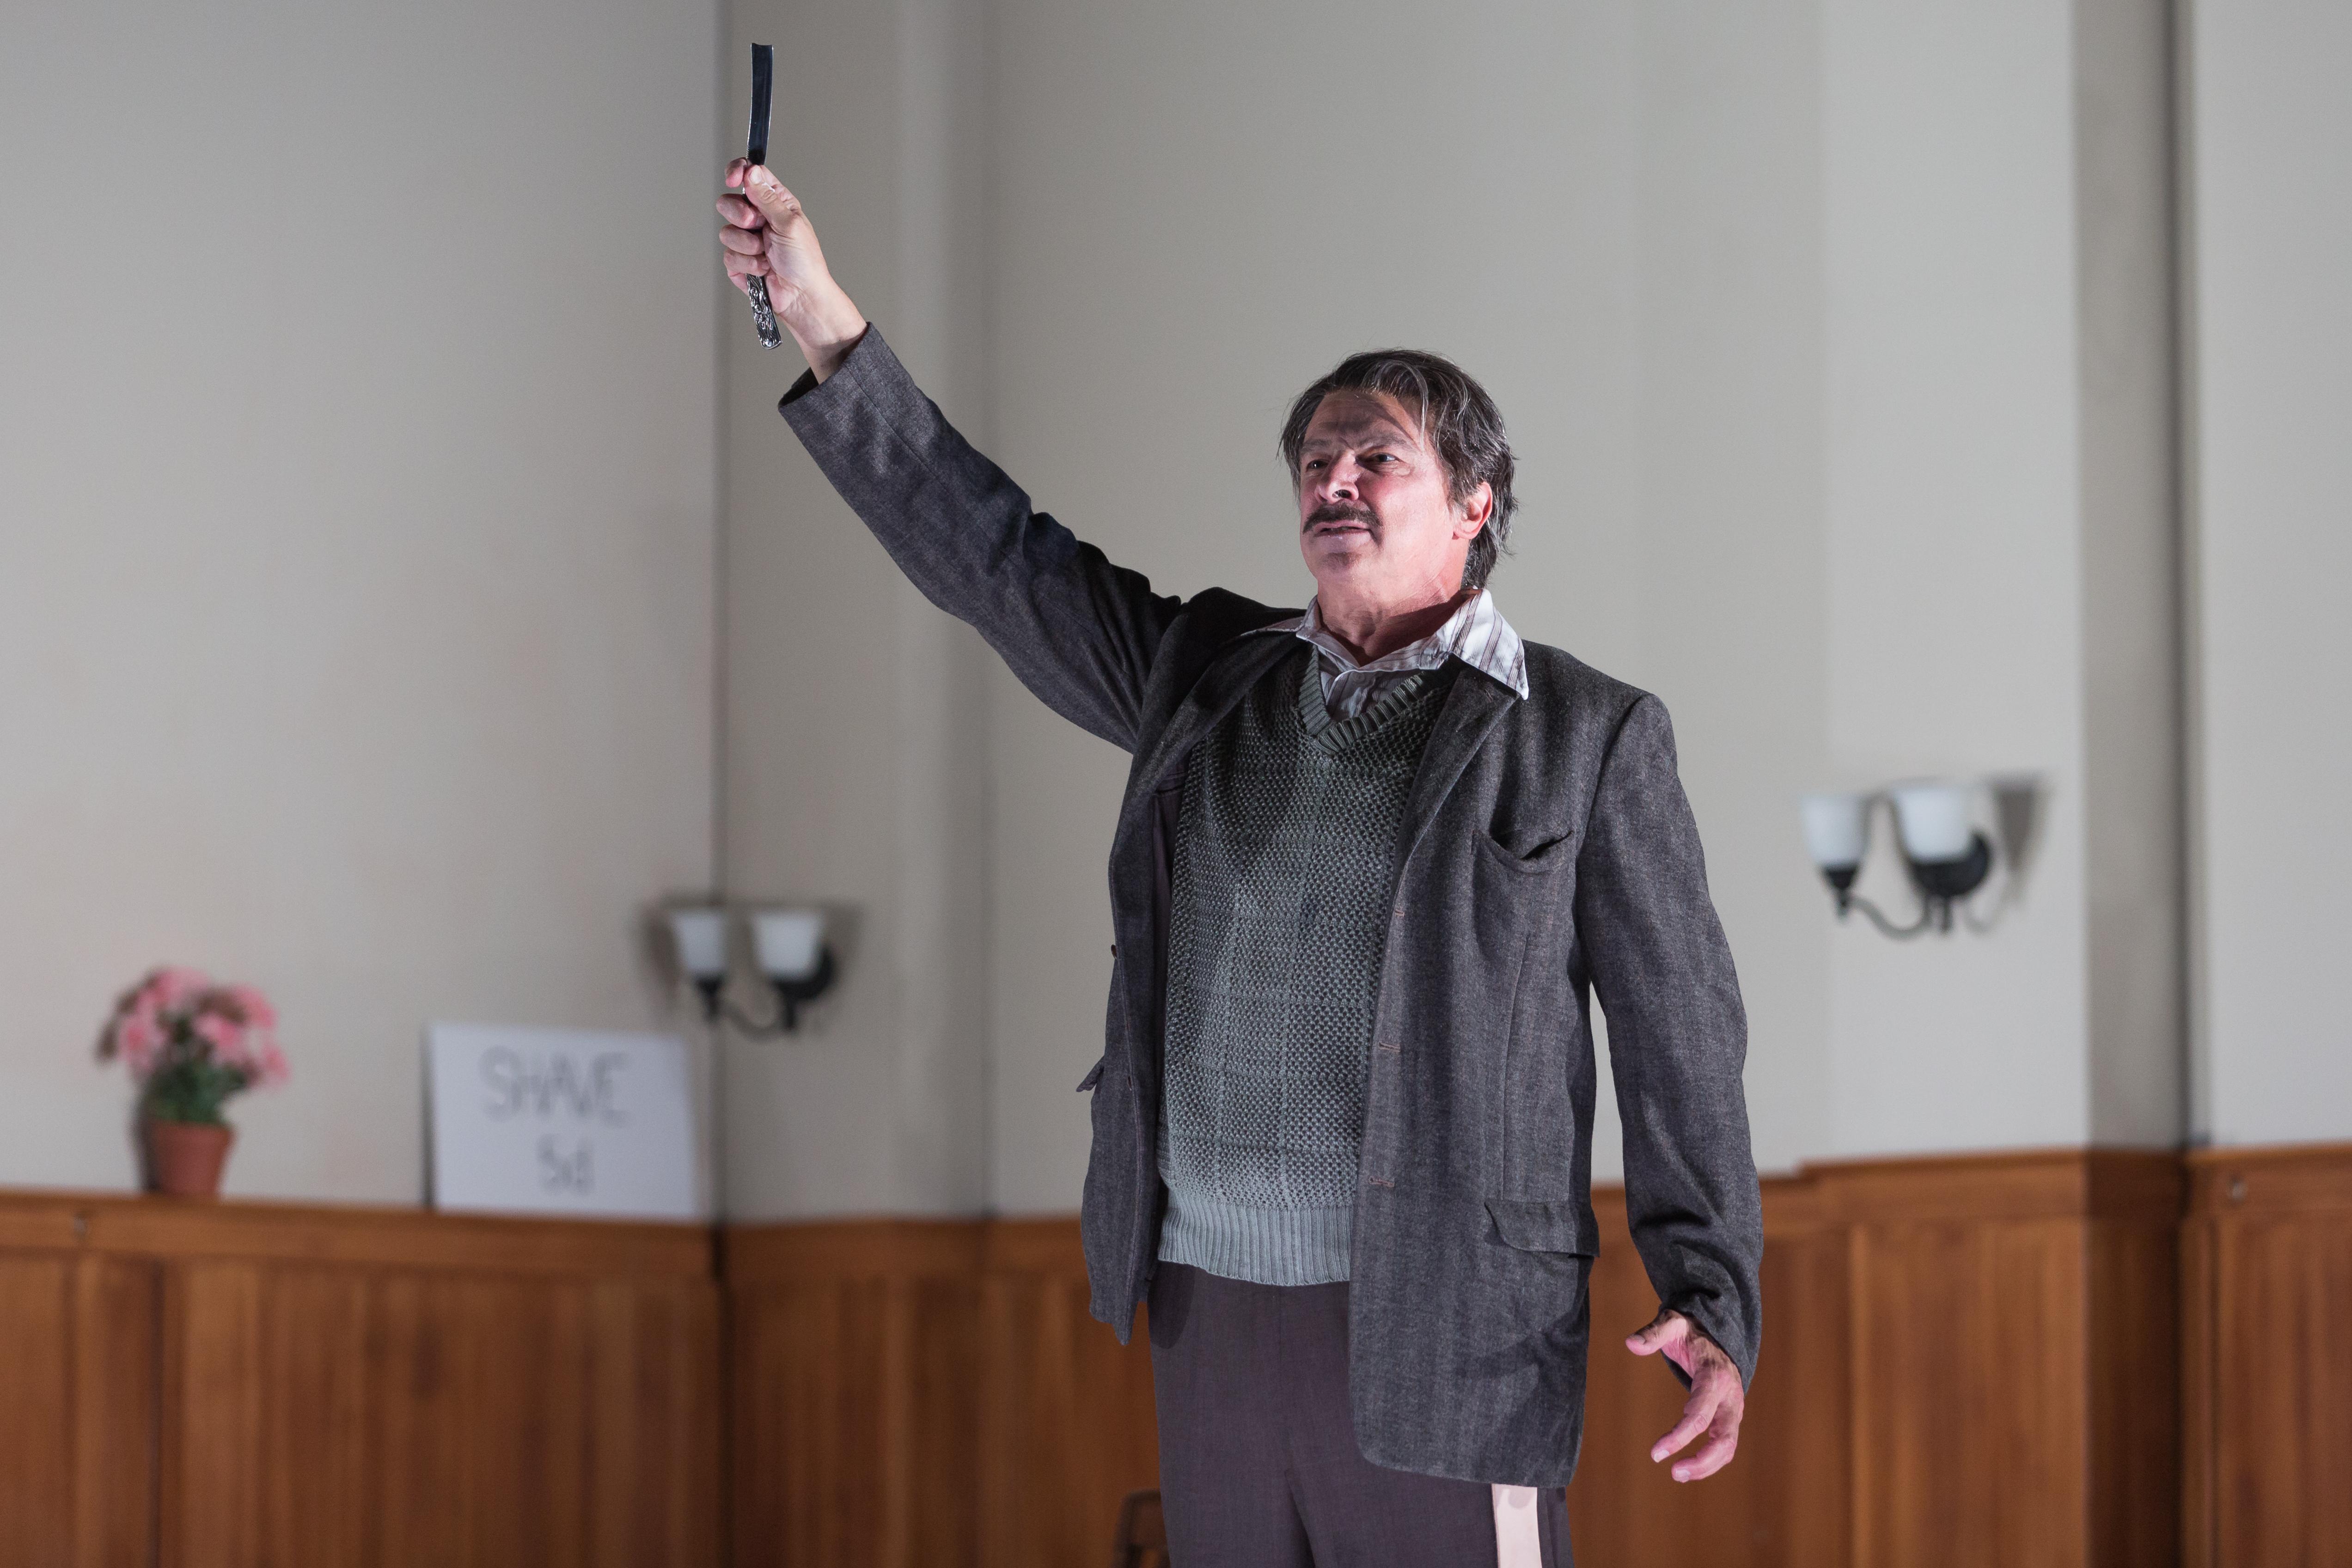 Stephen Sondheim's Sweeney Todd at Glimmerglass